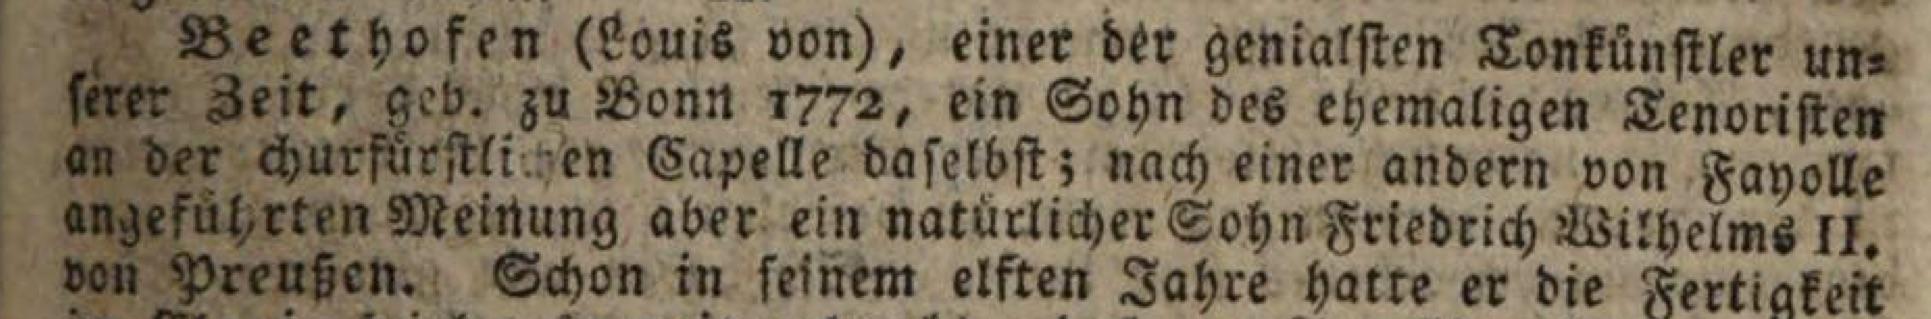 Beethoven - FW II - Sohn